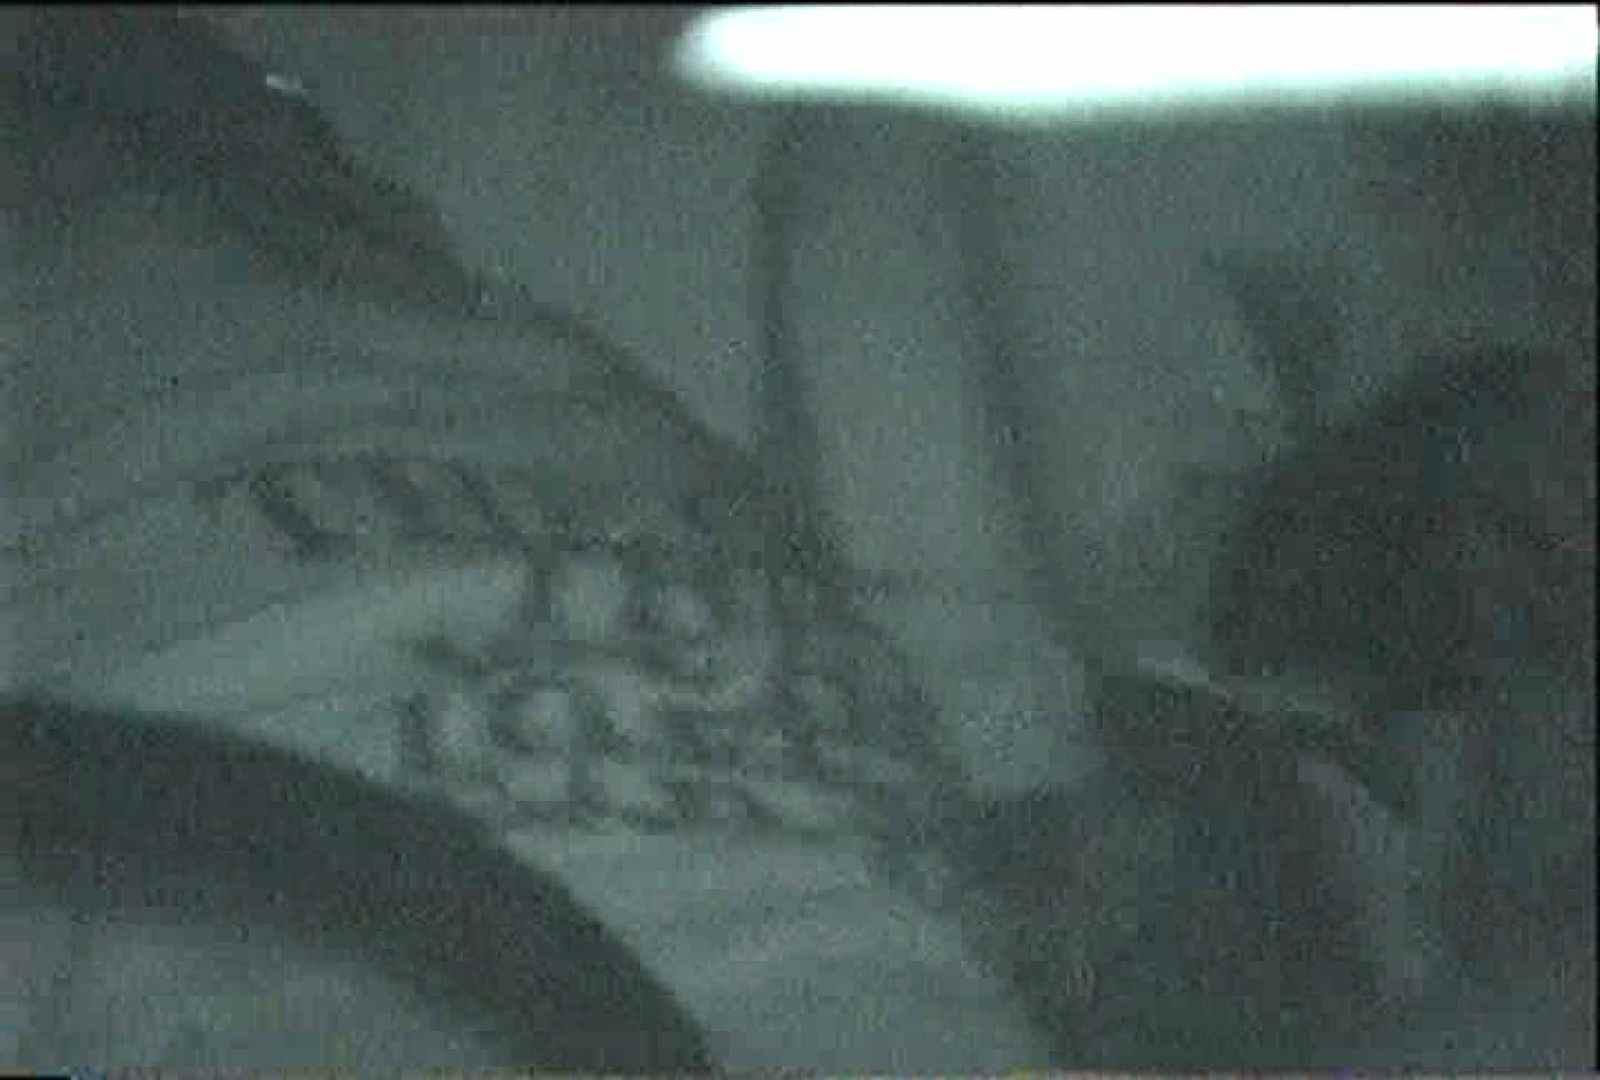 充血監督の深夜の運動会Vol.80 エロティックなOL おめこ無修正画像 85画像 23